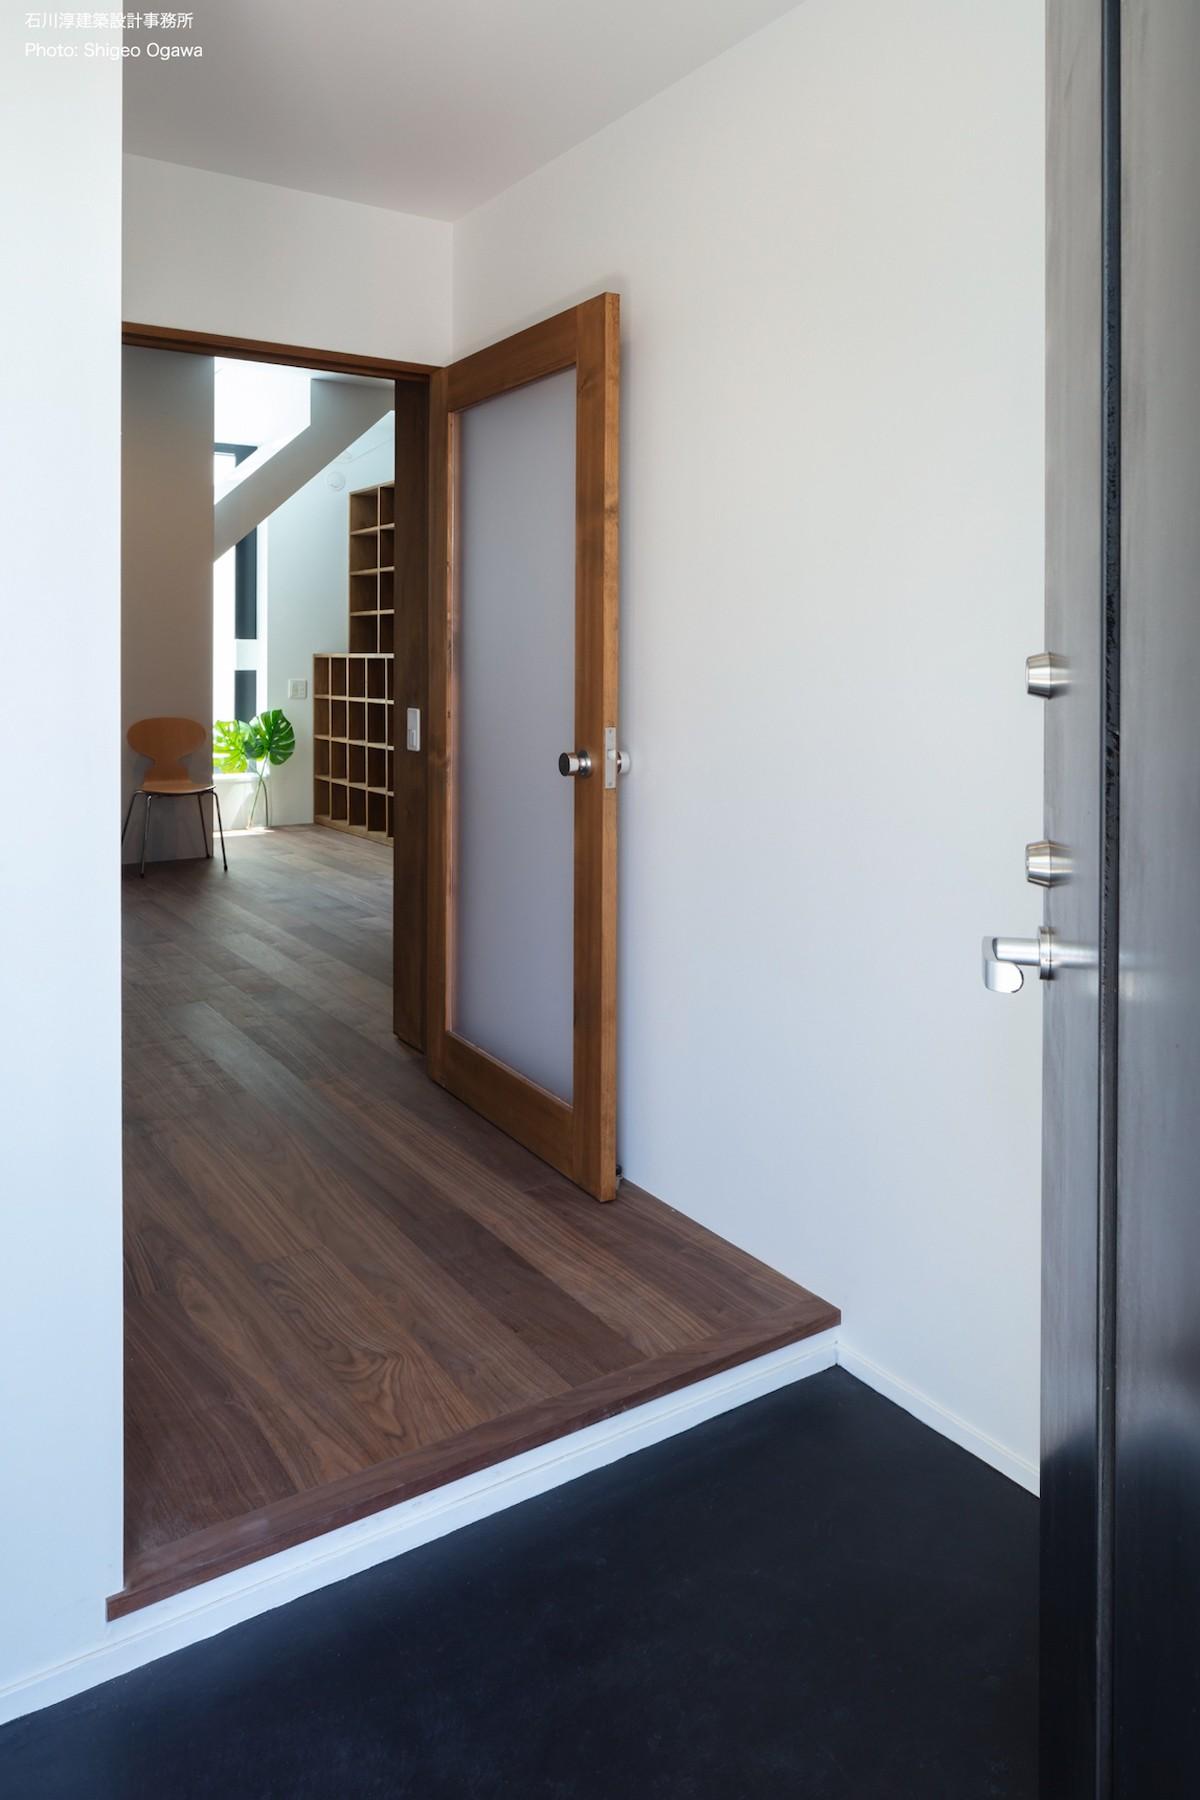 玄関事例:玄関の先には図書室(公園前の家 OUCHI-44)